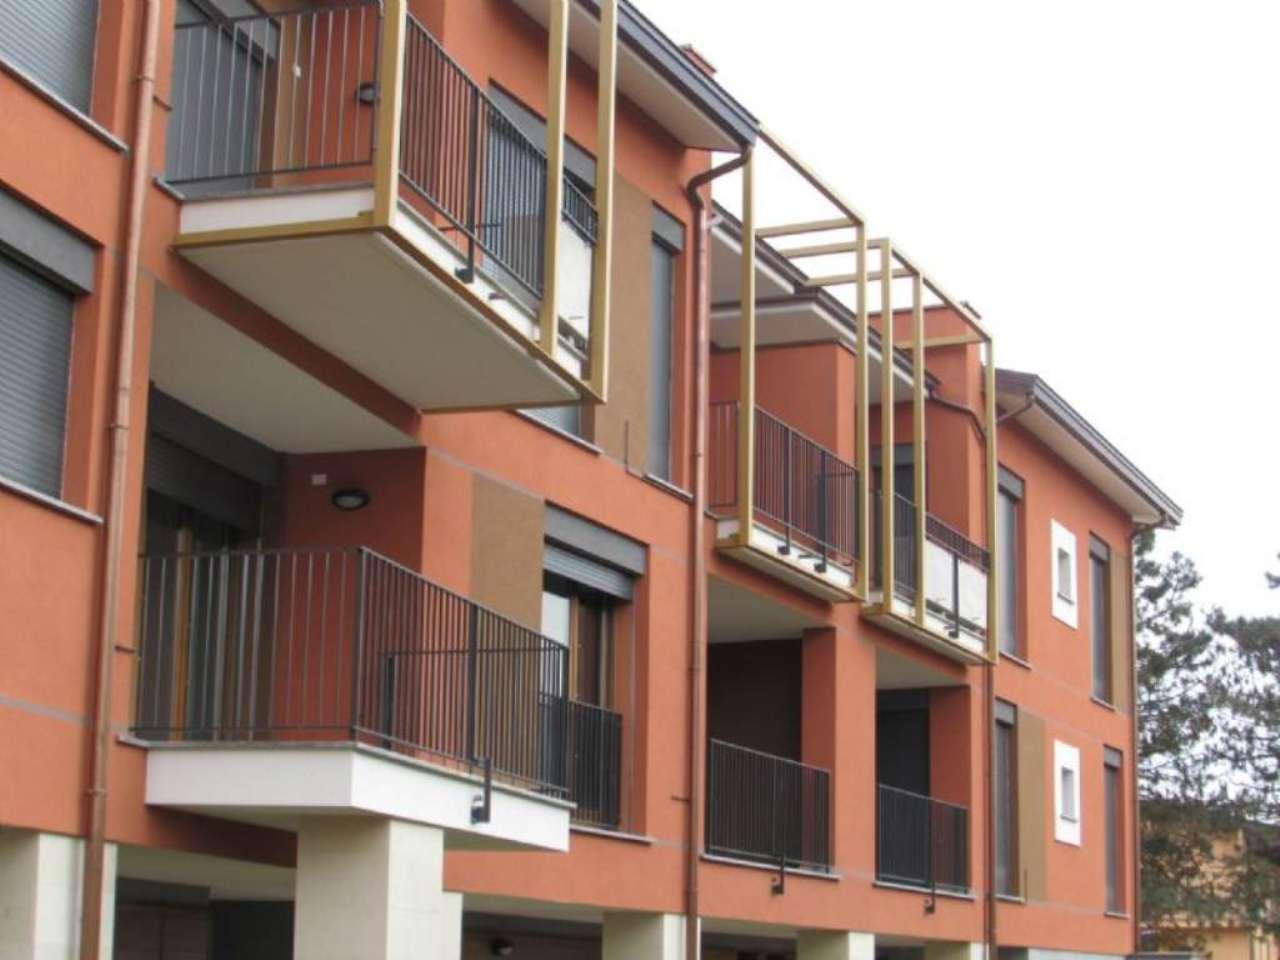 Appartamento in vendita a Siziano, 2 locali, prezzo € 130.000 | Cambio Casa.it